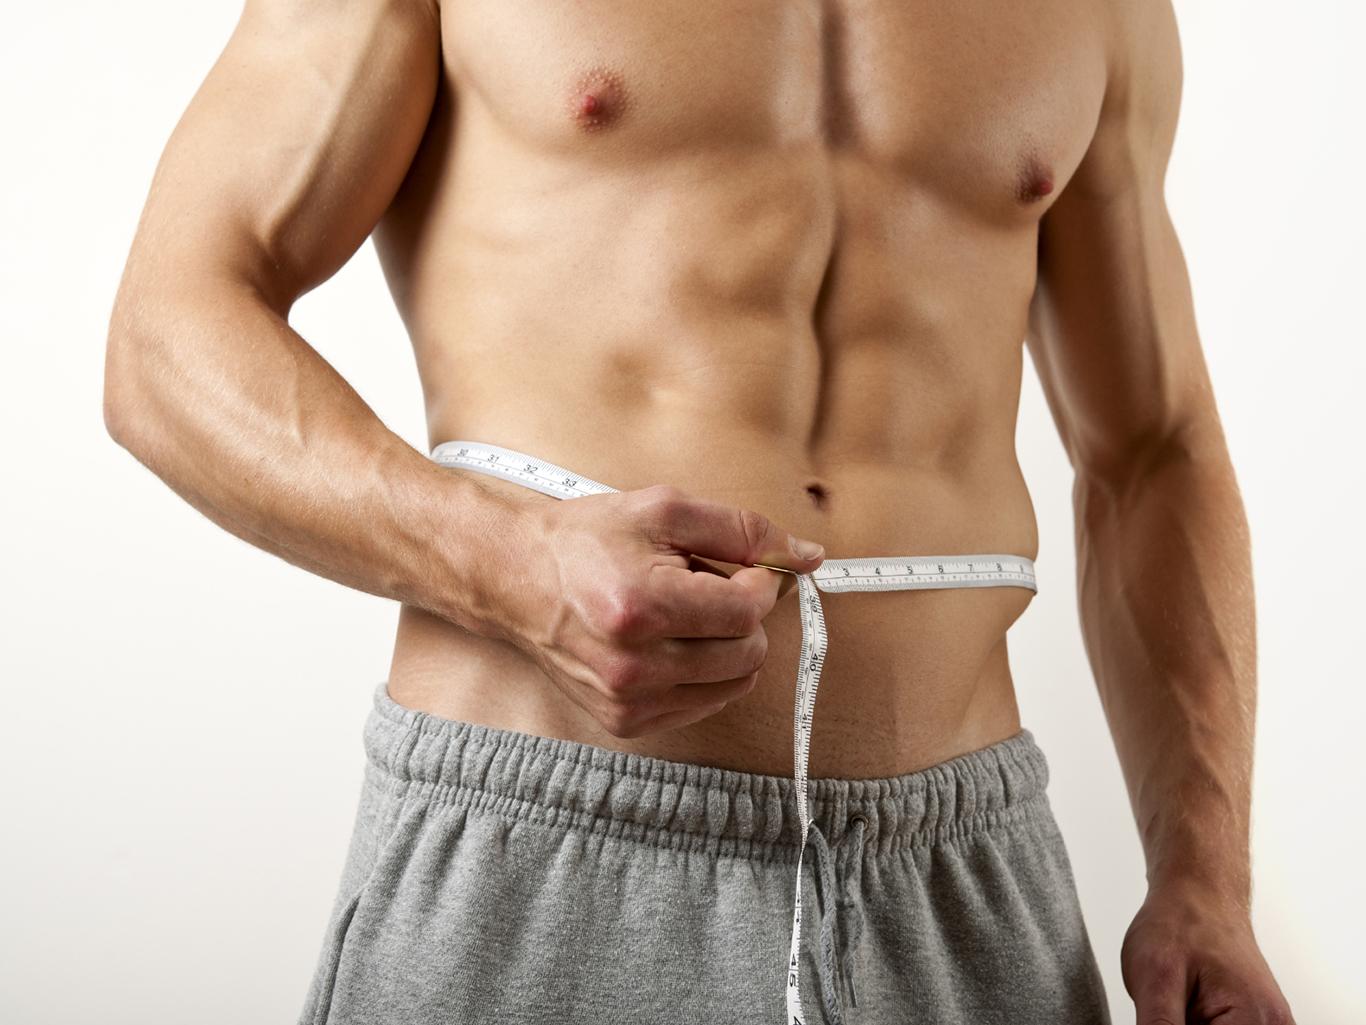 Правила Похудения Мужчин Живот. Сбрасываем вес в области живота у мужчины